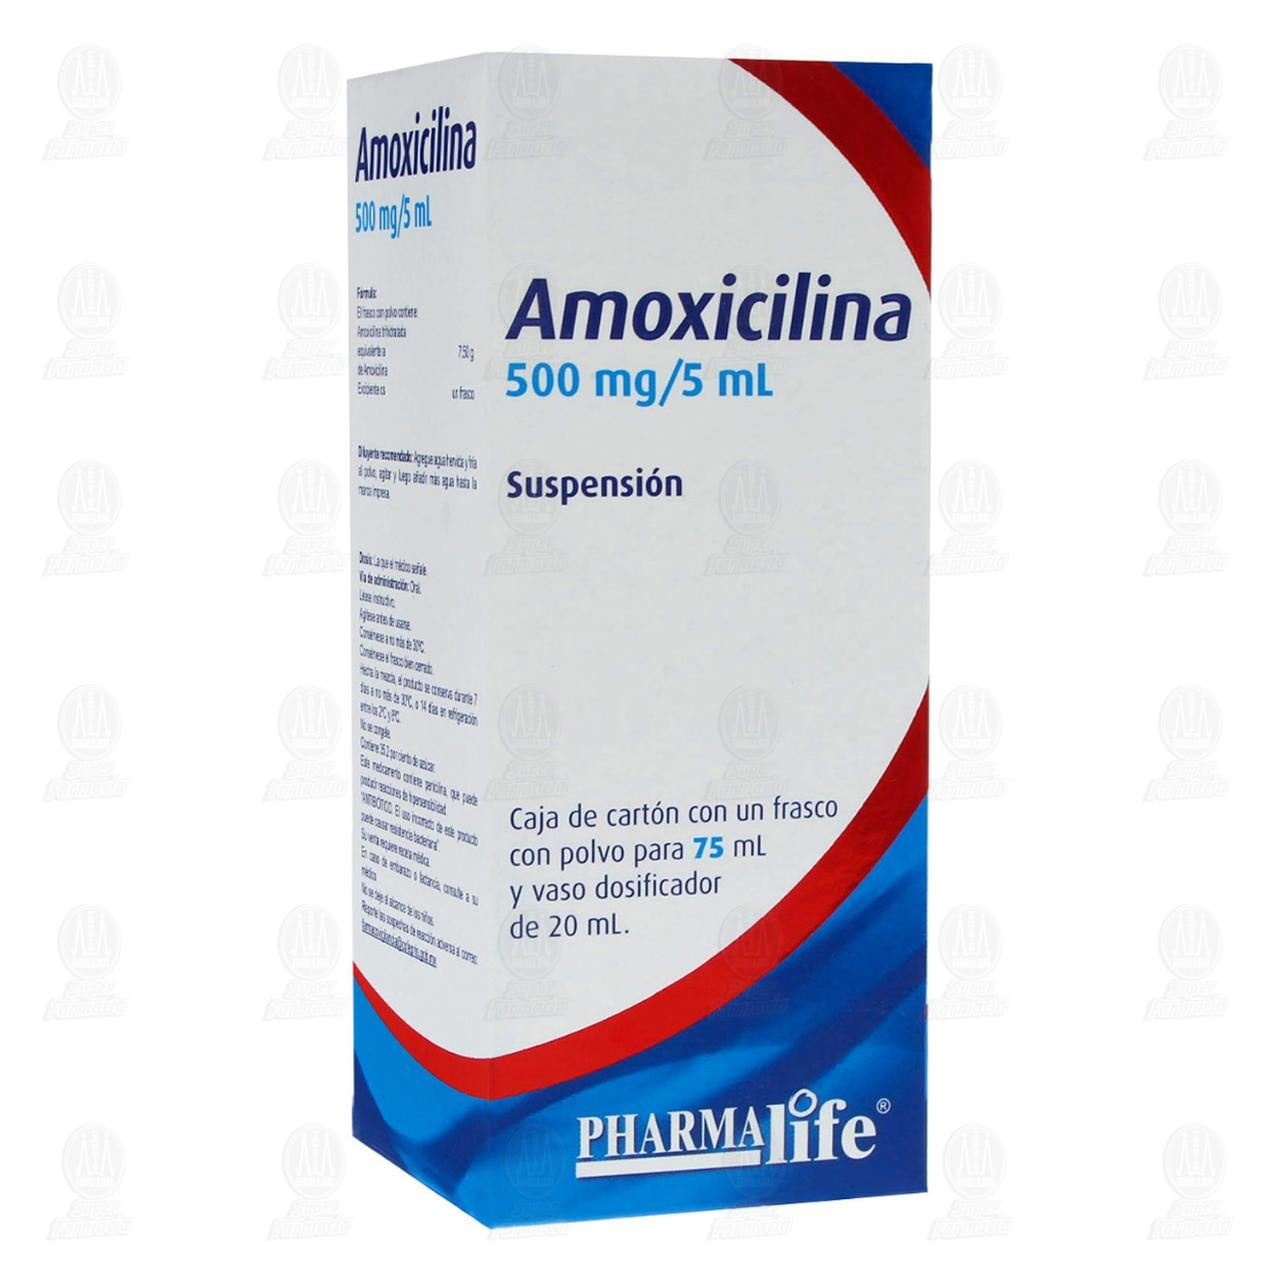 Comprar Amoxicilina 500mg/5m 75ml Suspensión Pharmalife en Farmacias Guadalajara